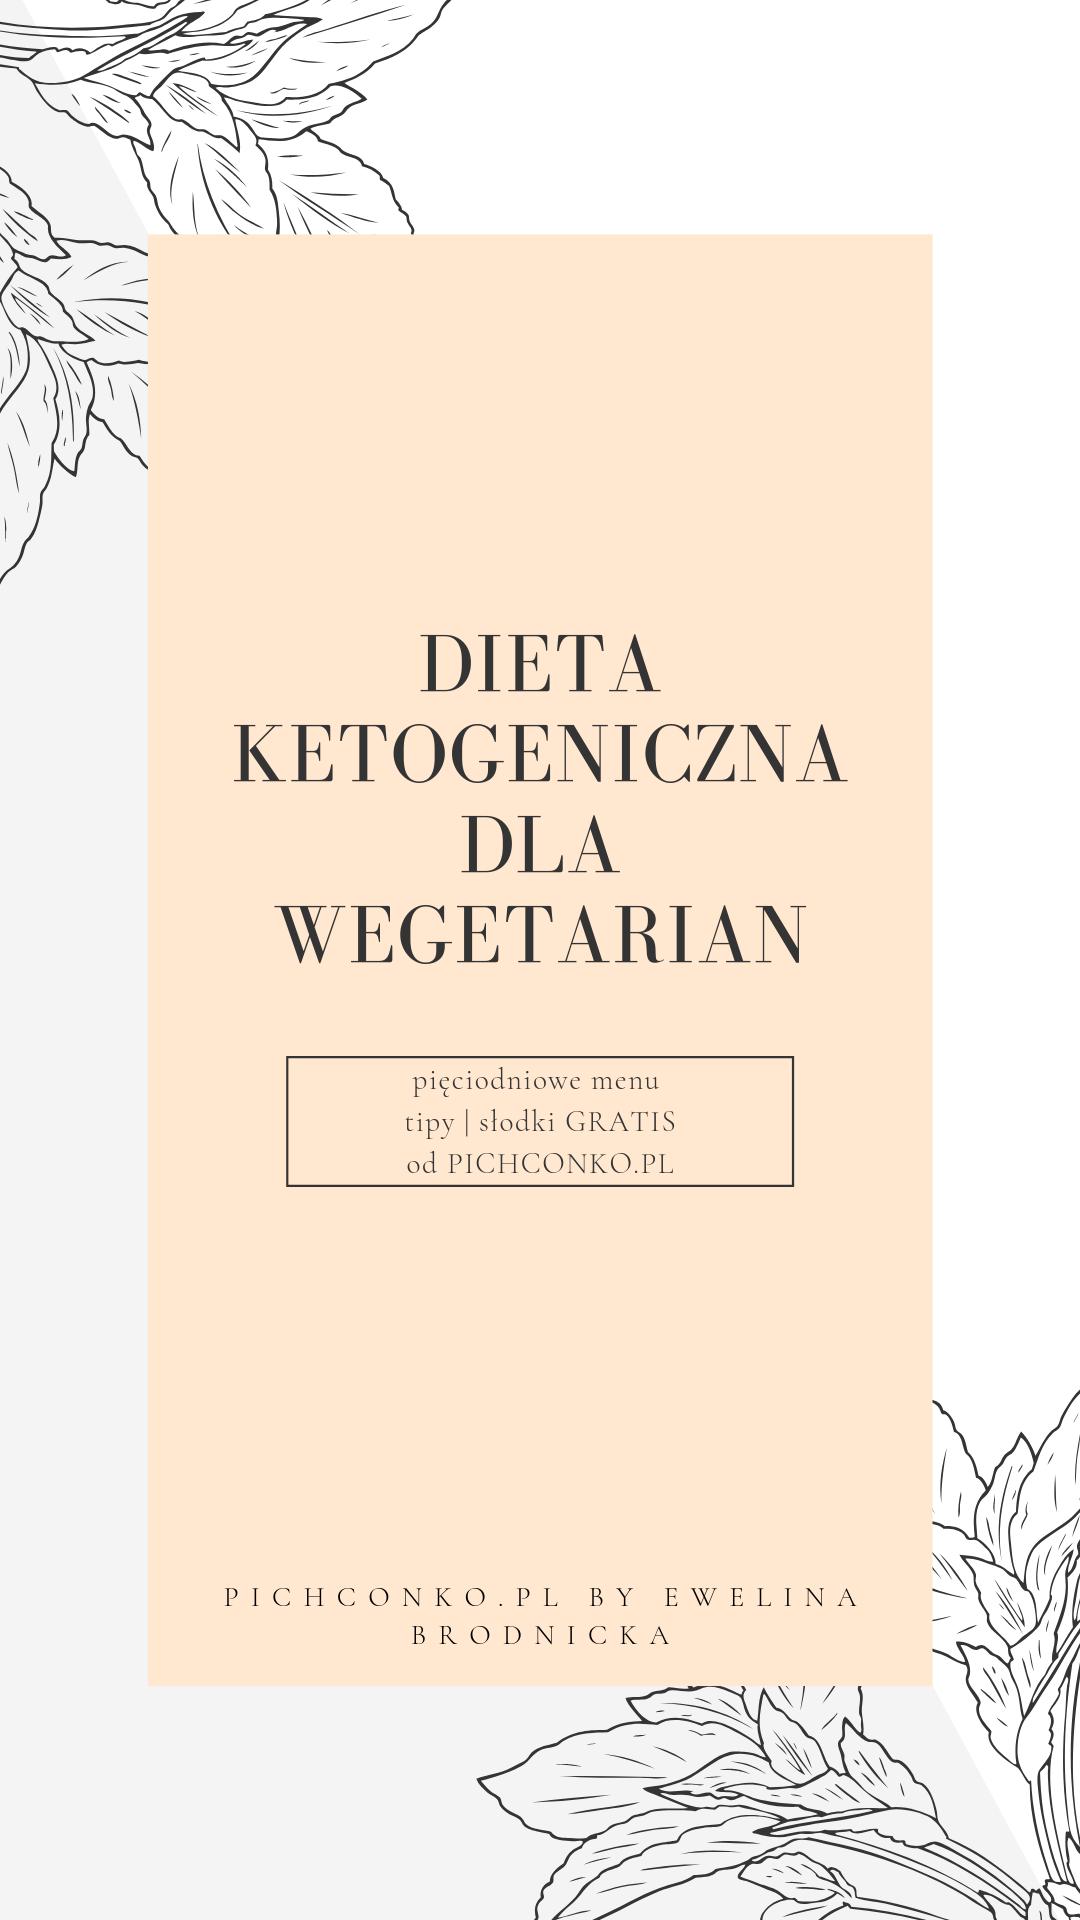 DIETA KETOGENICZNA DLA WEGETARIAN BY PICHCONKO.PL